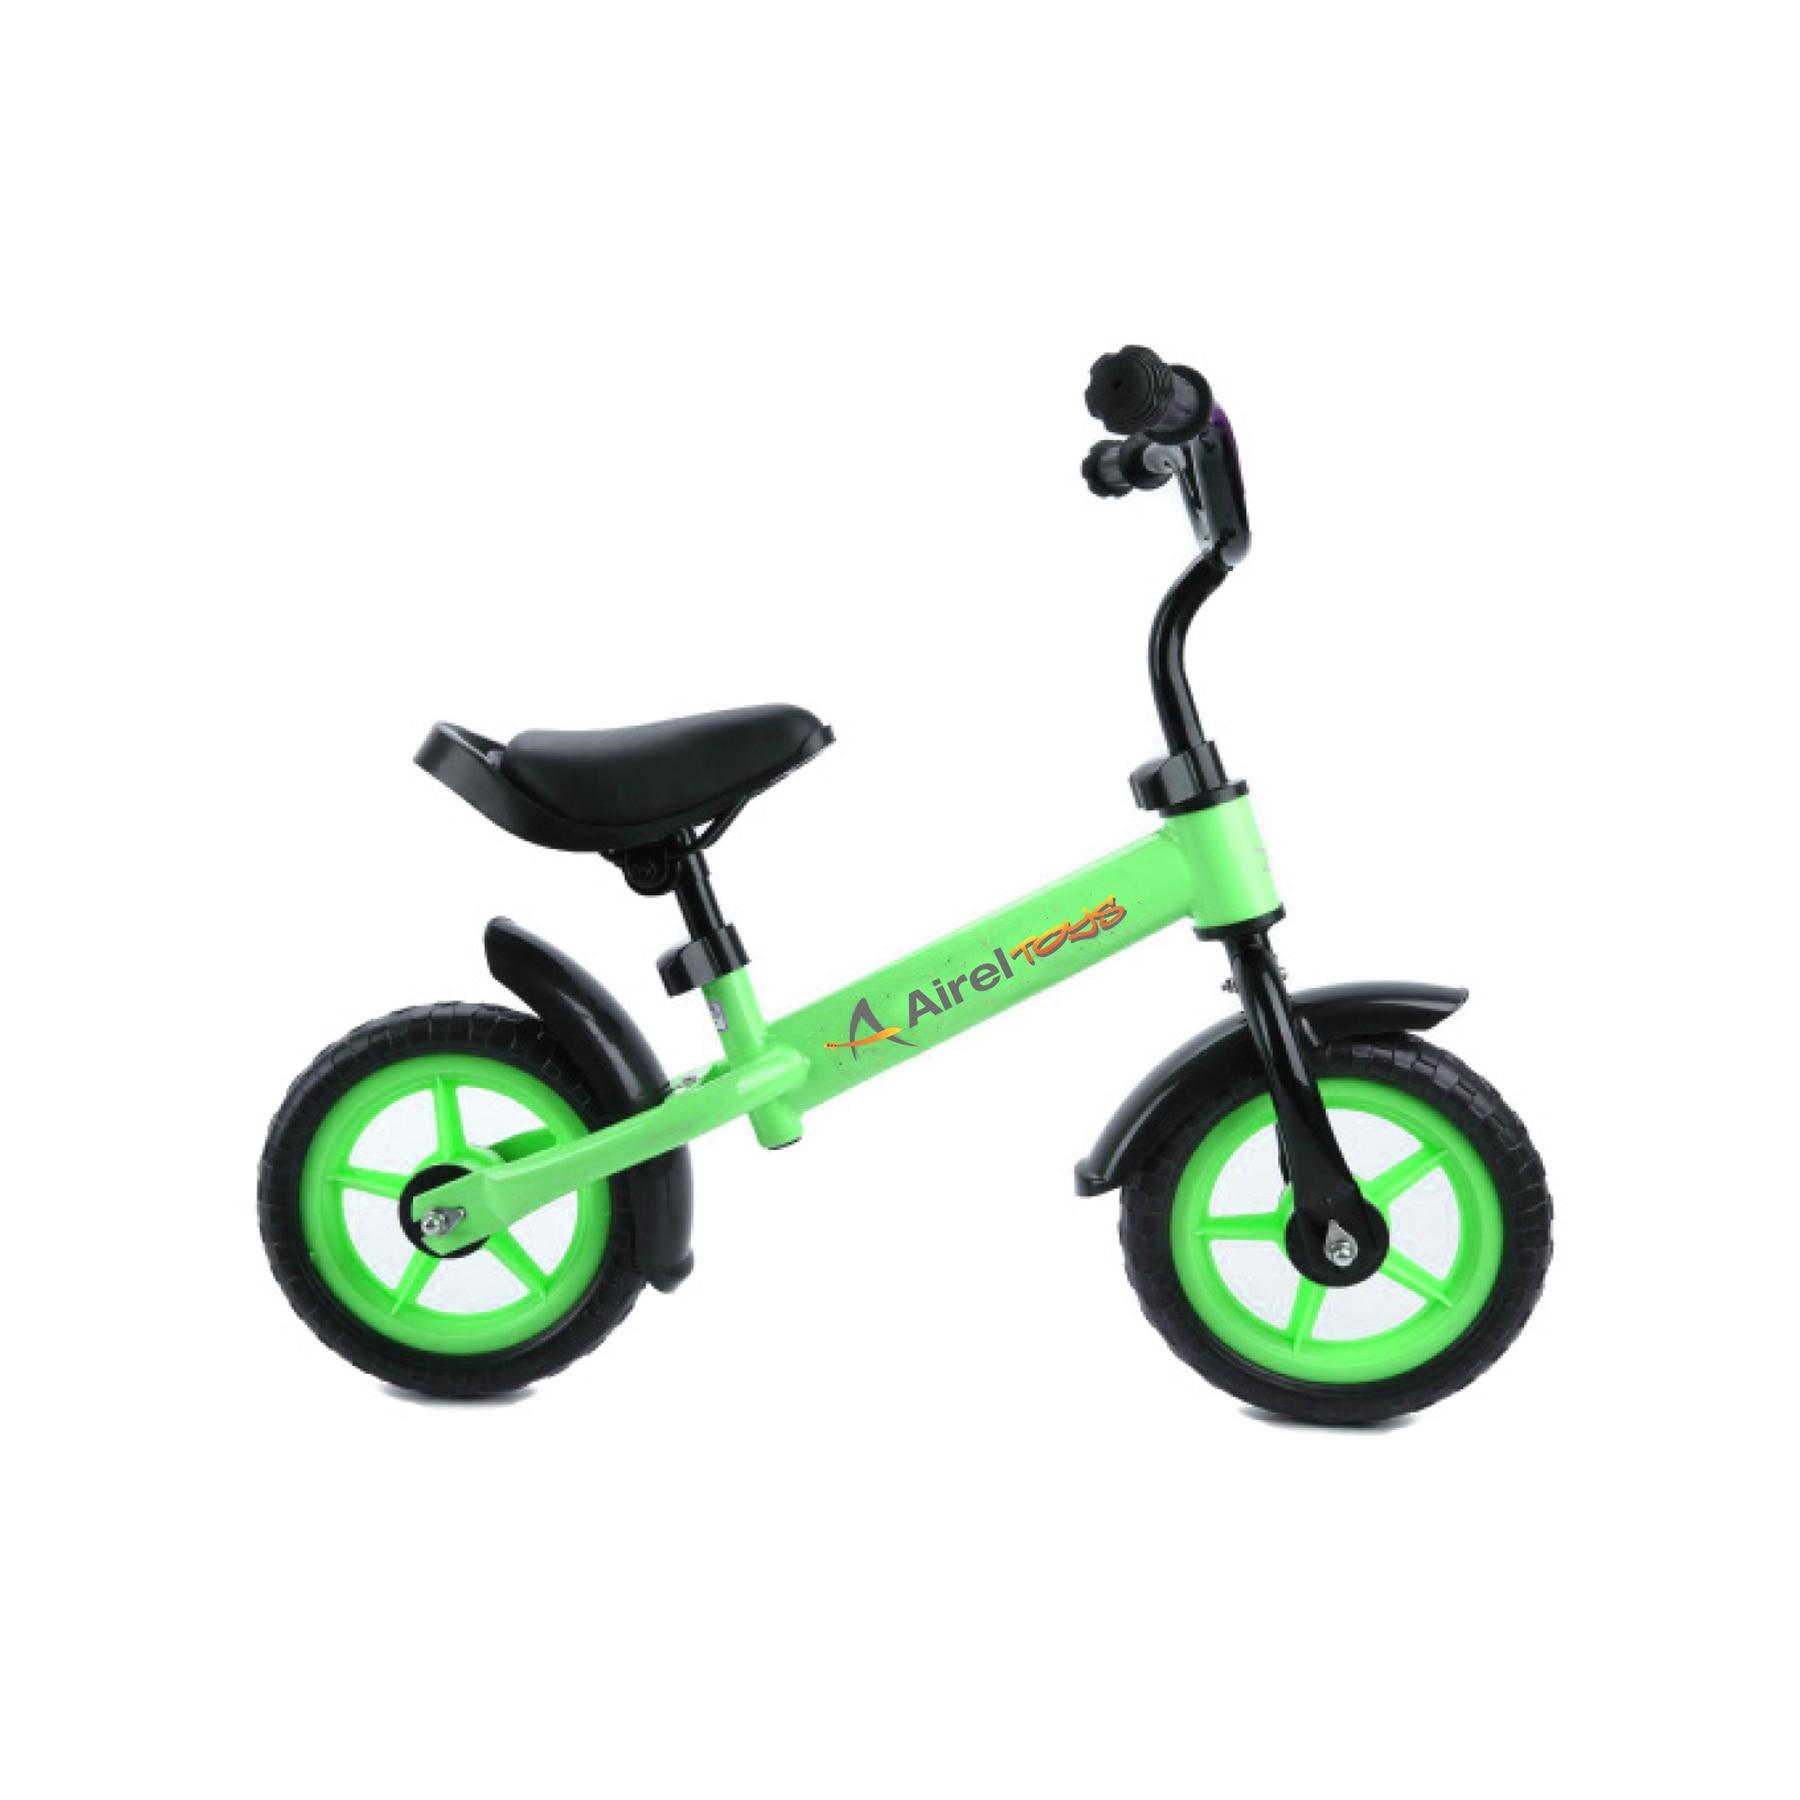 Airel беговел | велосипед без педалей | от 2 до 6 лет